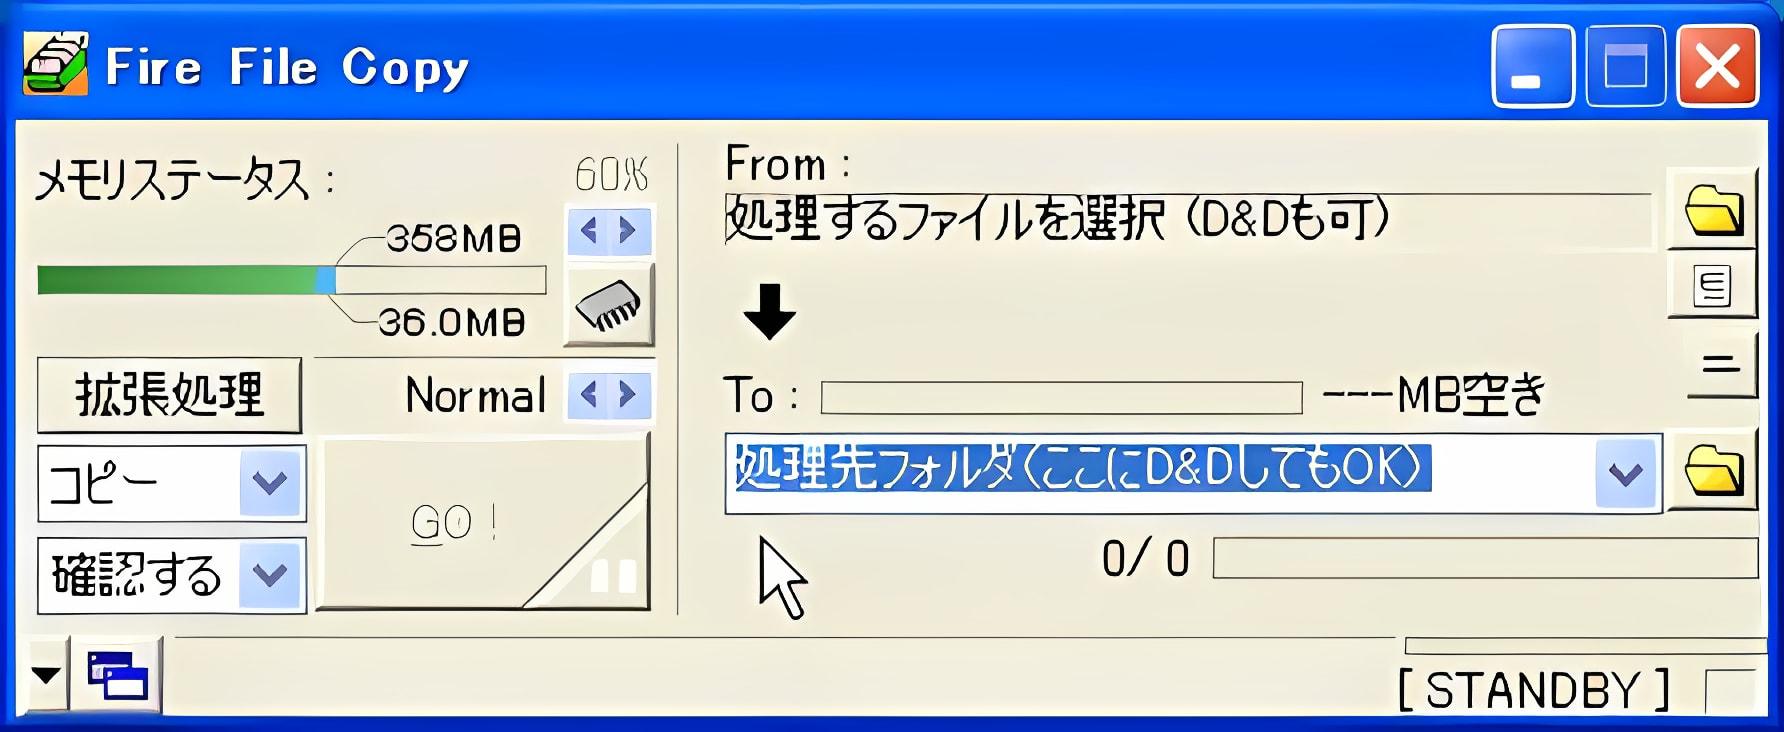 Fire File Copy